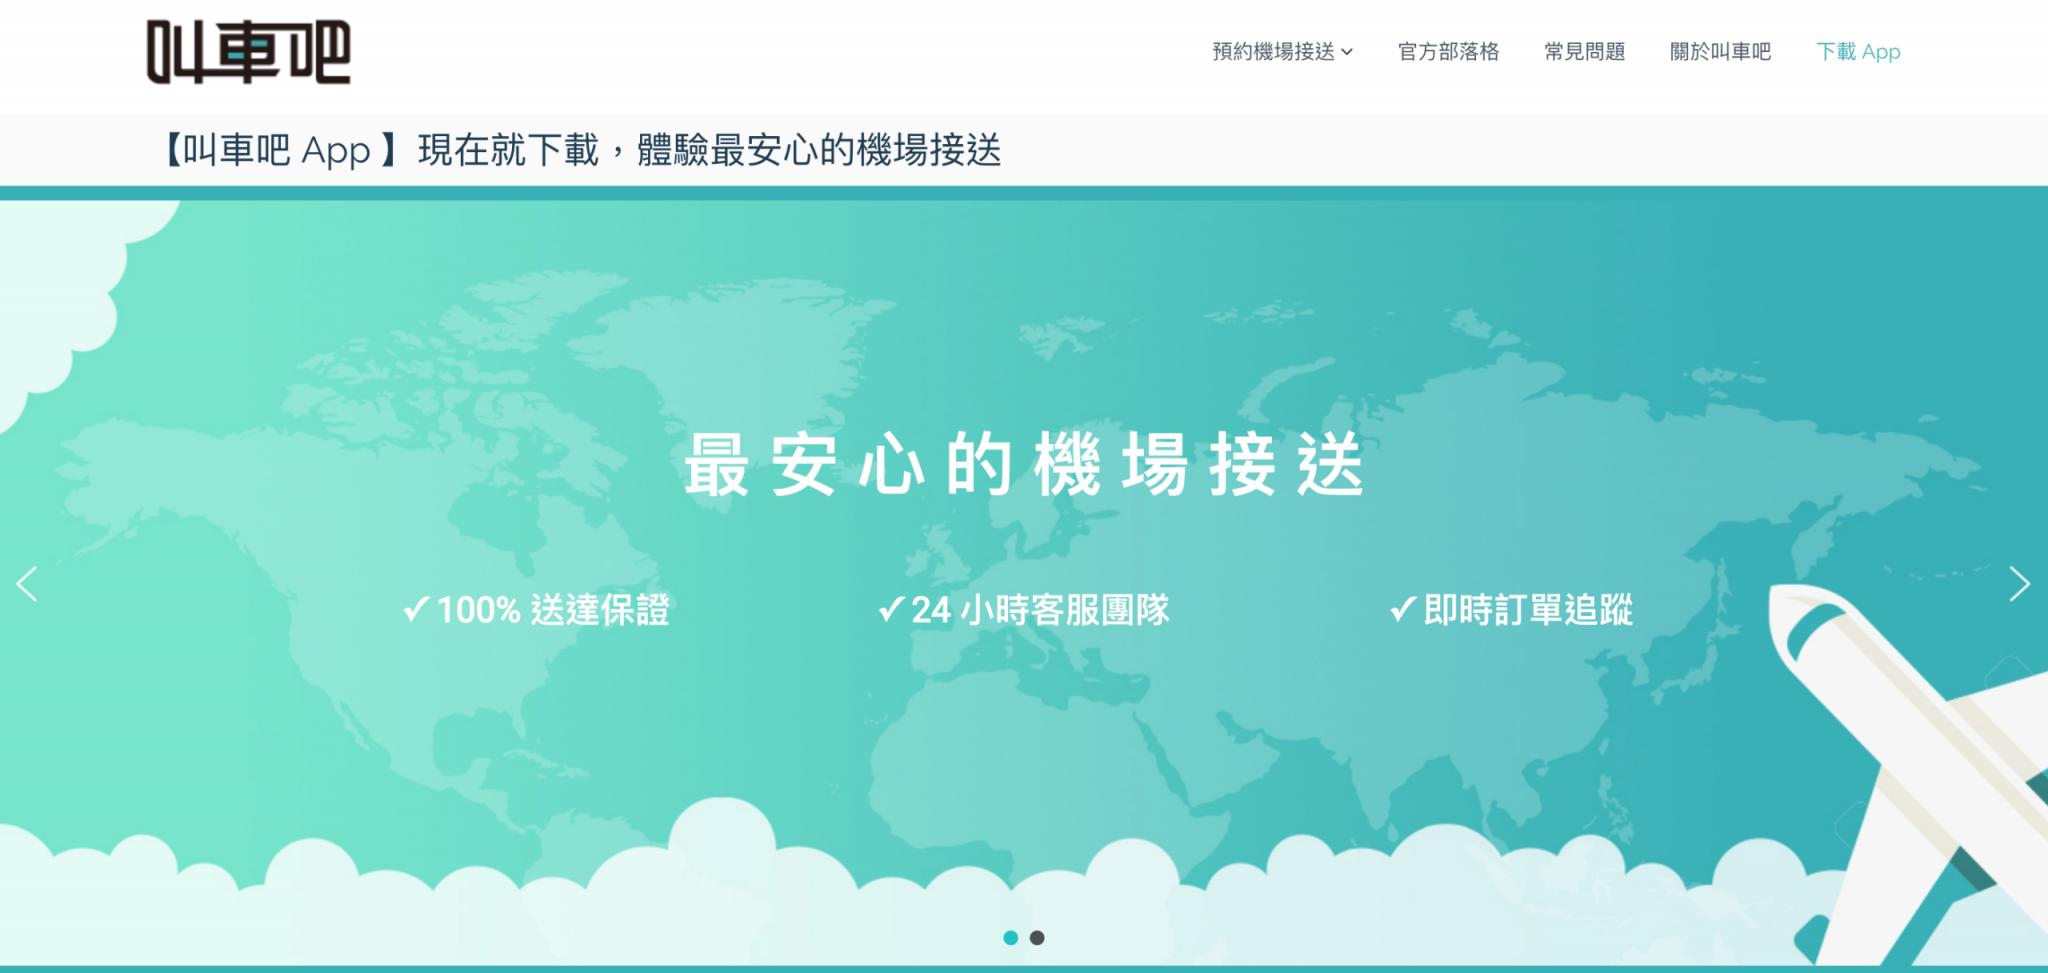 實用App:叫車吧天空藍綠色底有著世界地圖還有雲朵